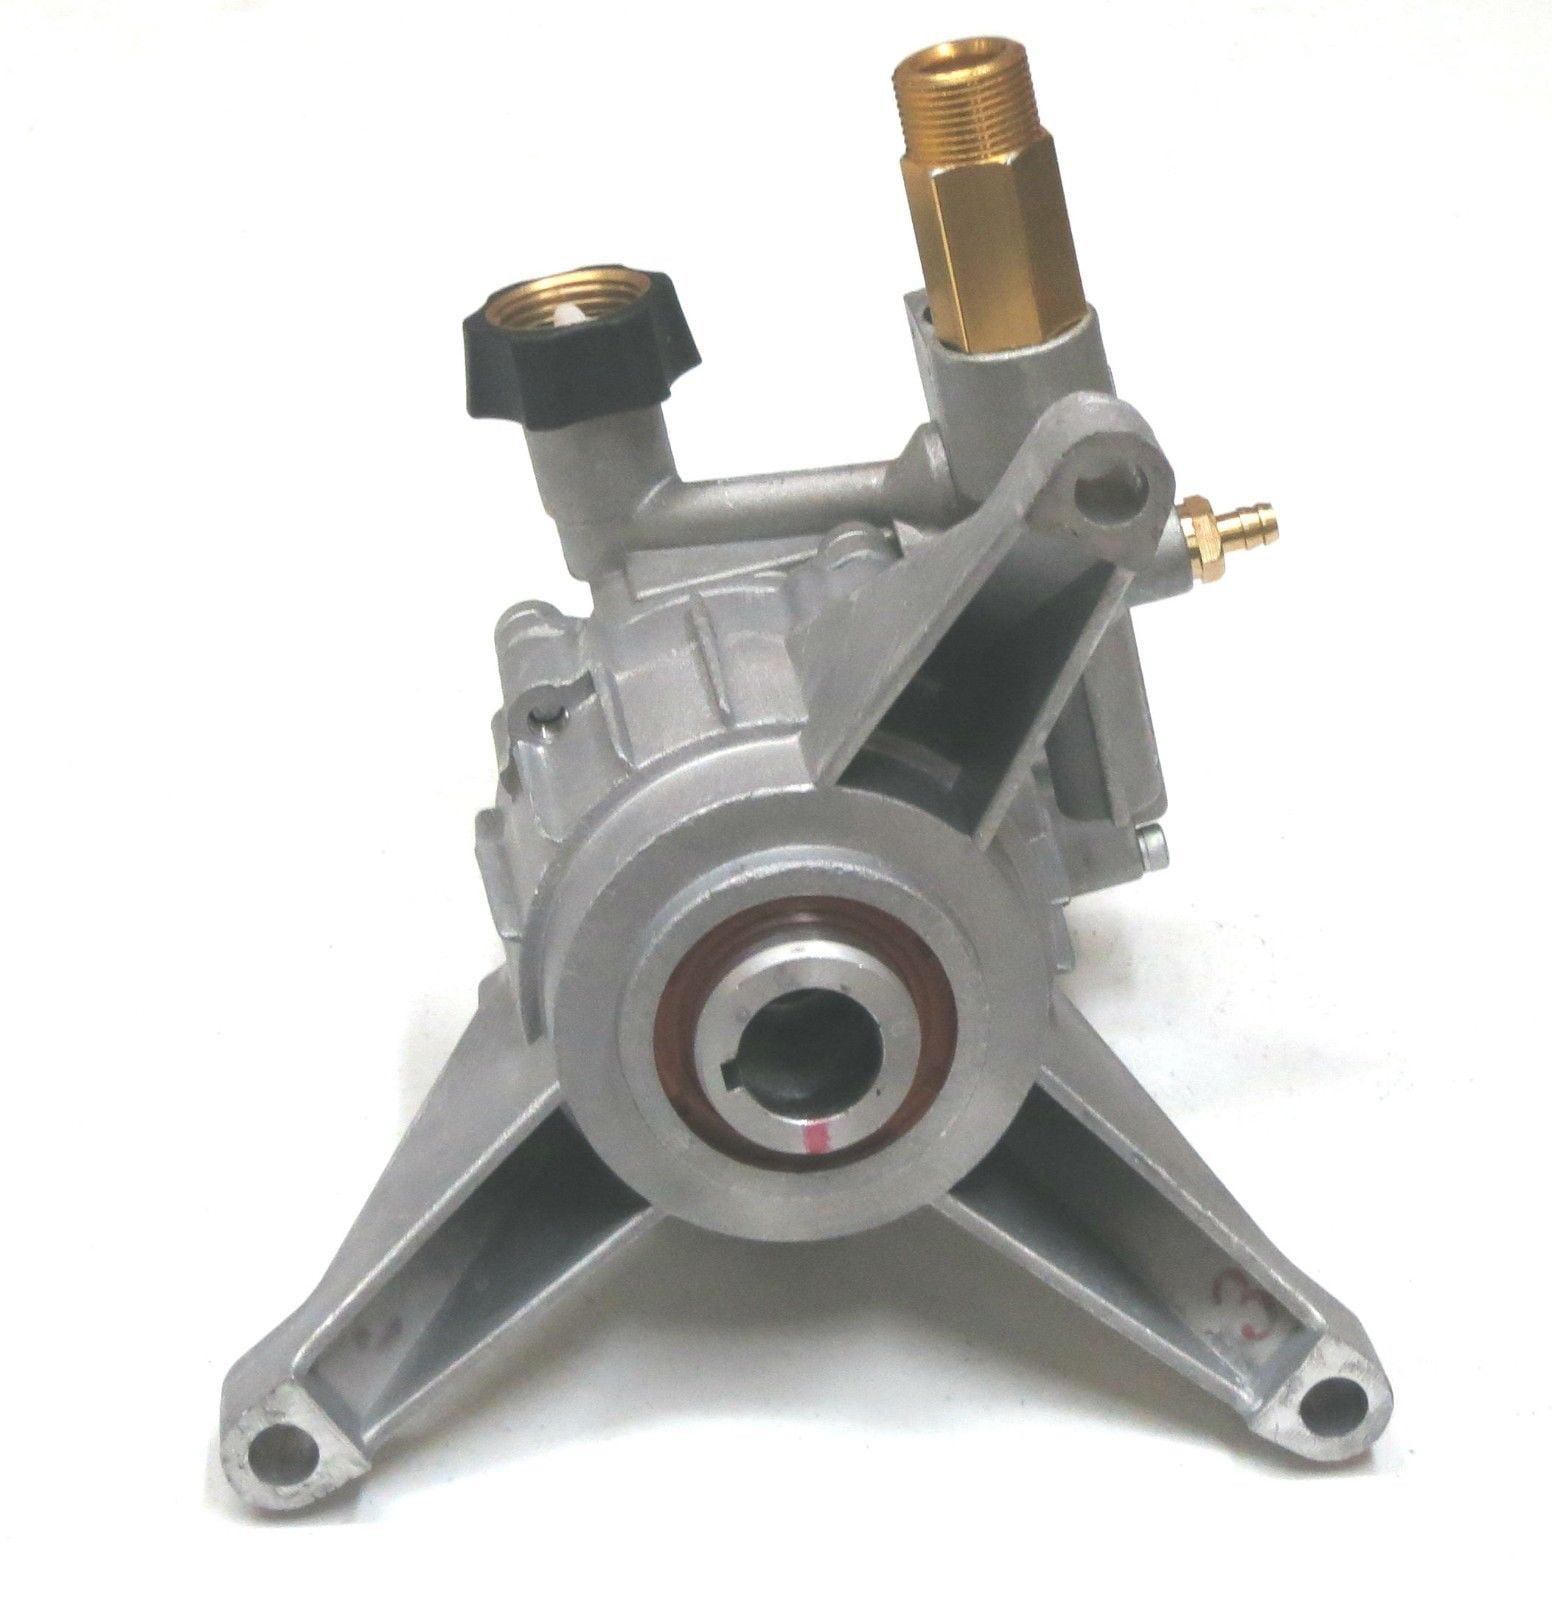 2800 psi POWER PRESSURE WASHER WATER PUMP  Briggs /& Stratton  020244  020244-0